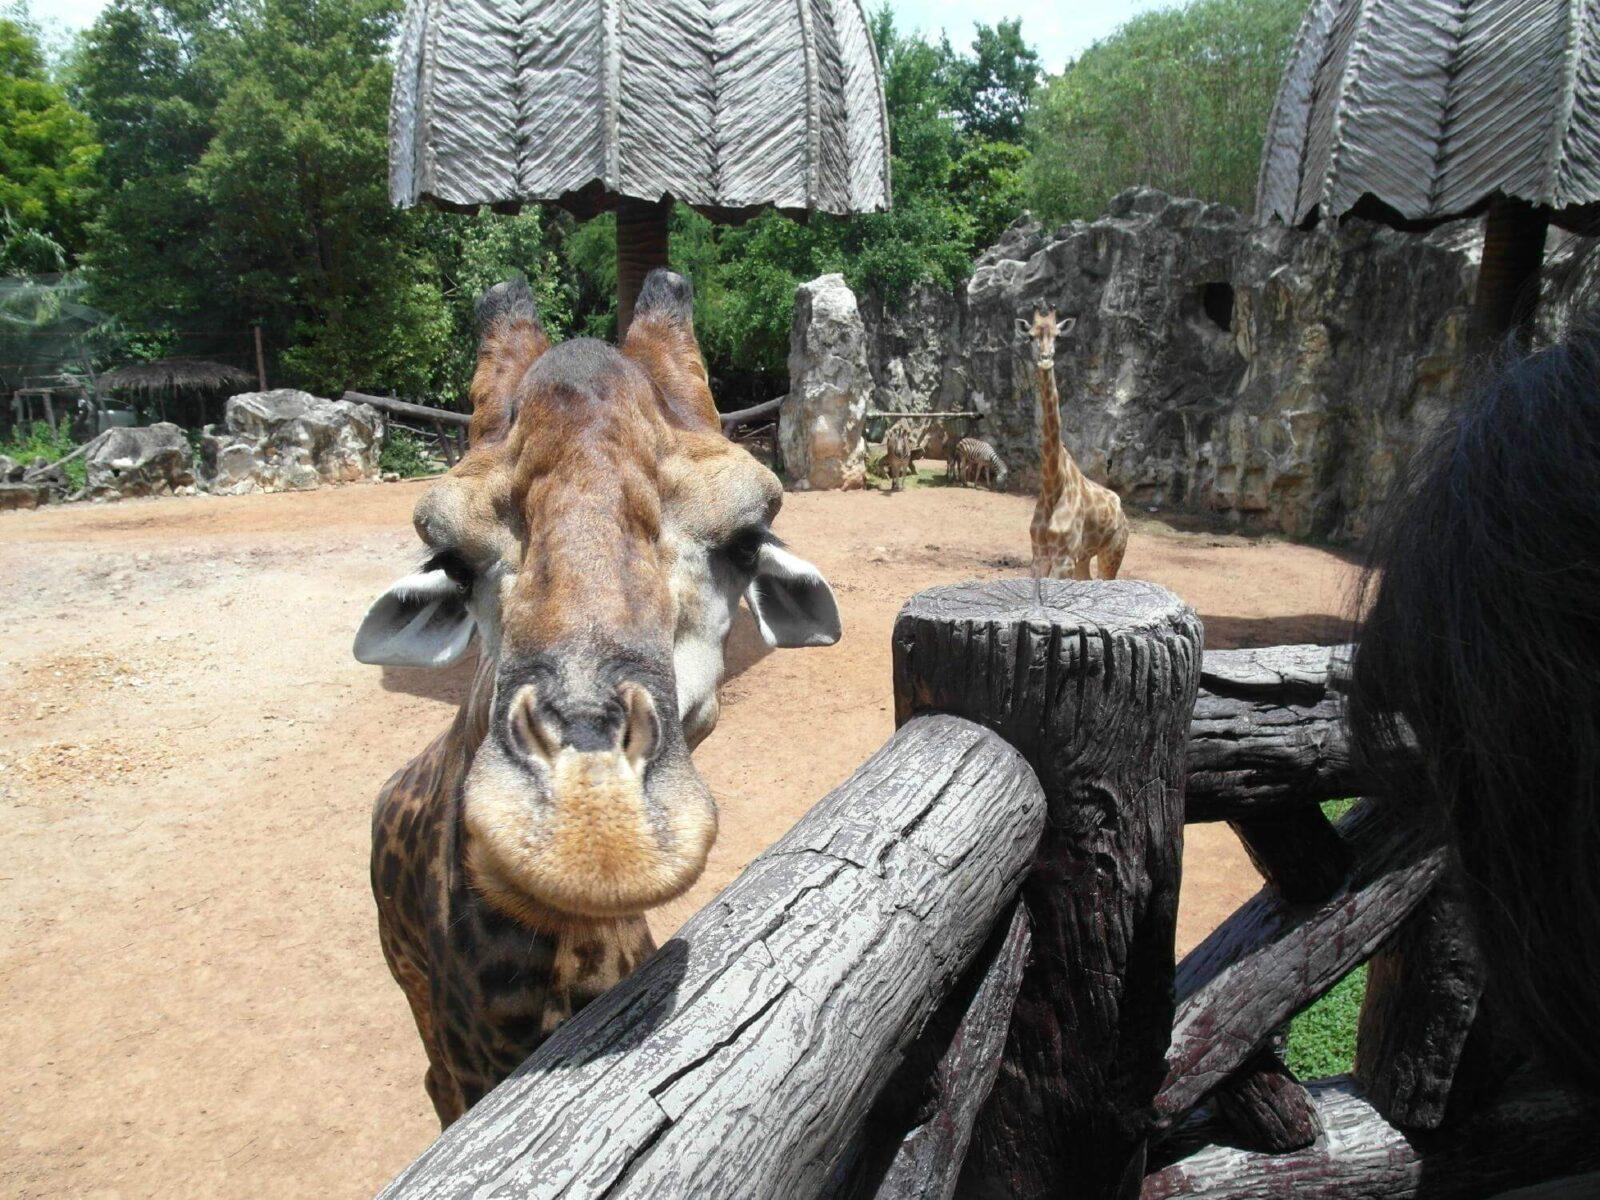 Жираф тянется к людям